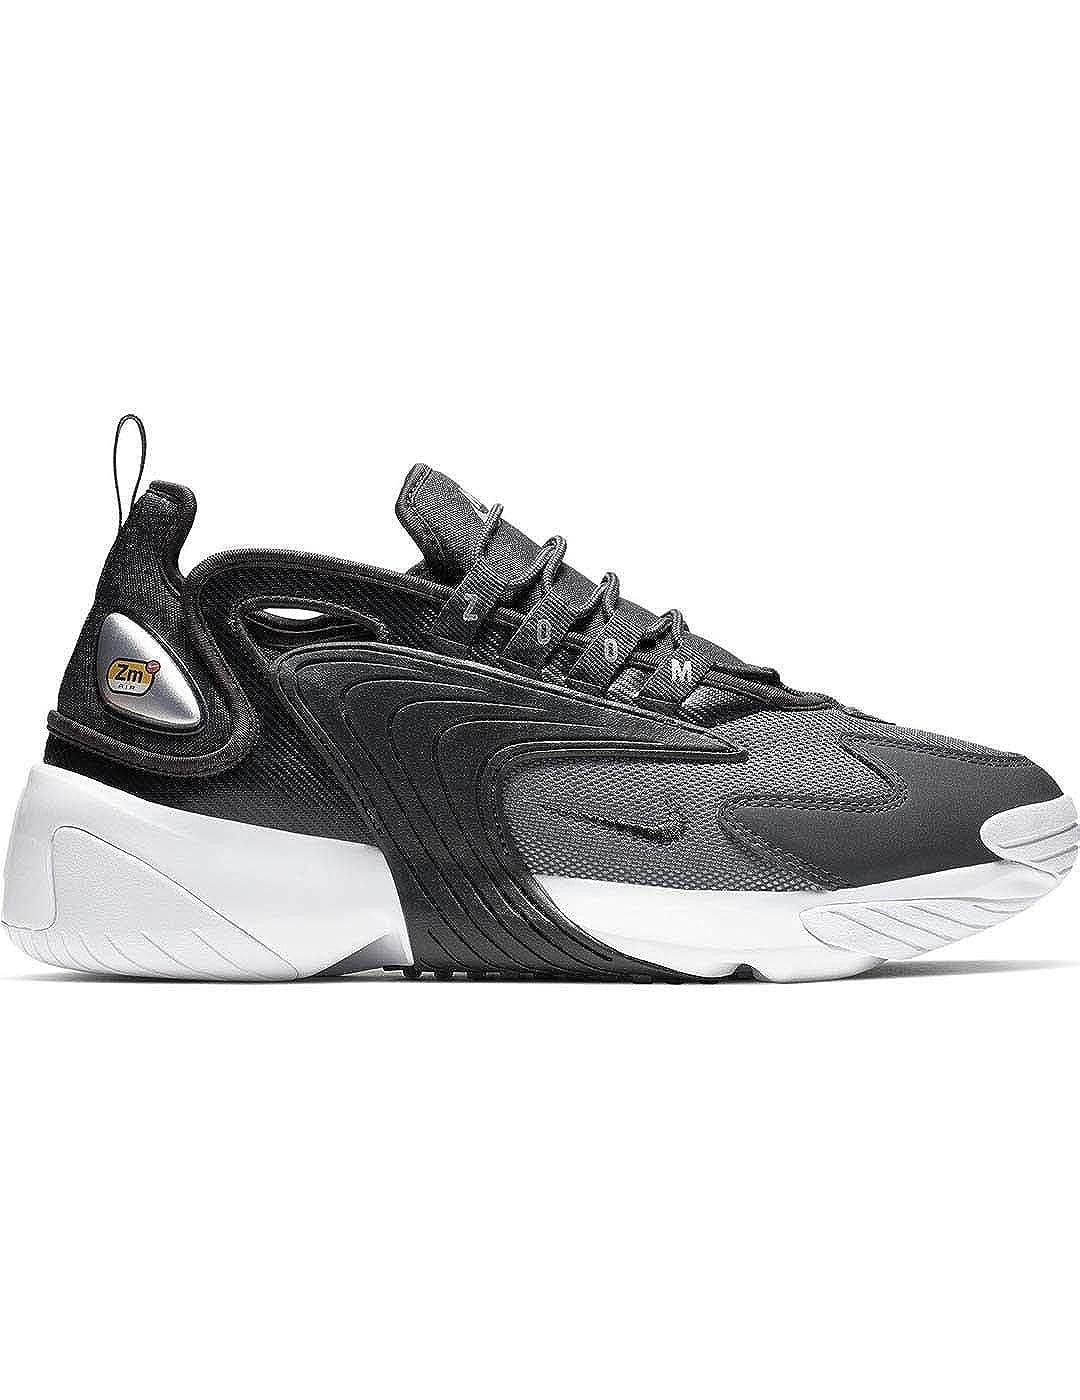 Mehrfarbig (Anthracite Metallic Silber Weiß 1) Nike Herren Zoom Zoom Zoom 2k Leichtathletikschuhe, Anthrazit, EU  Hersteller direkte Versorgung